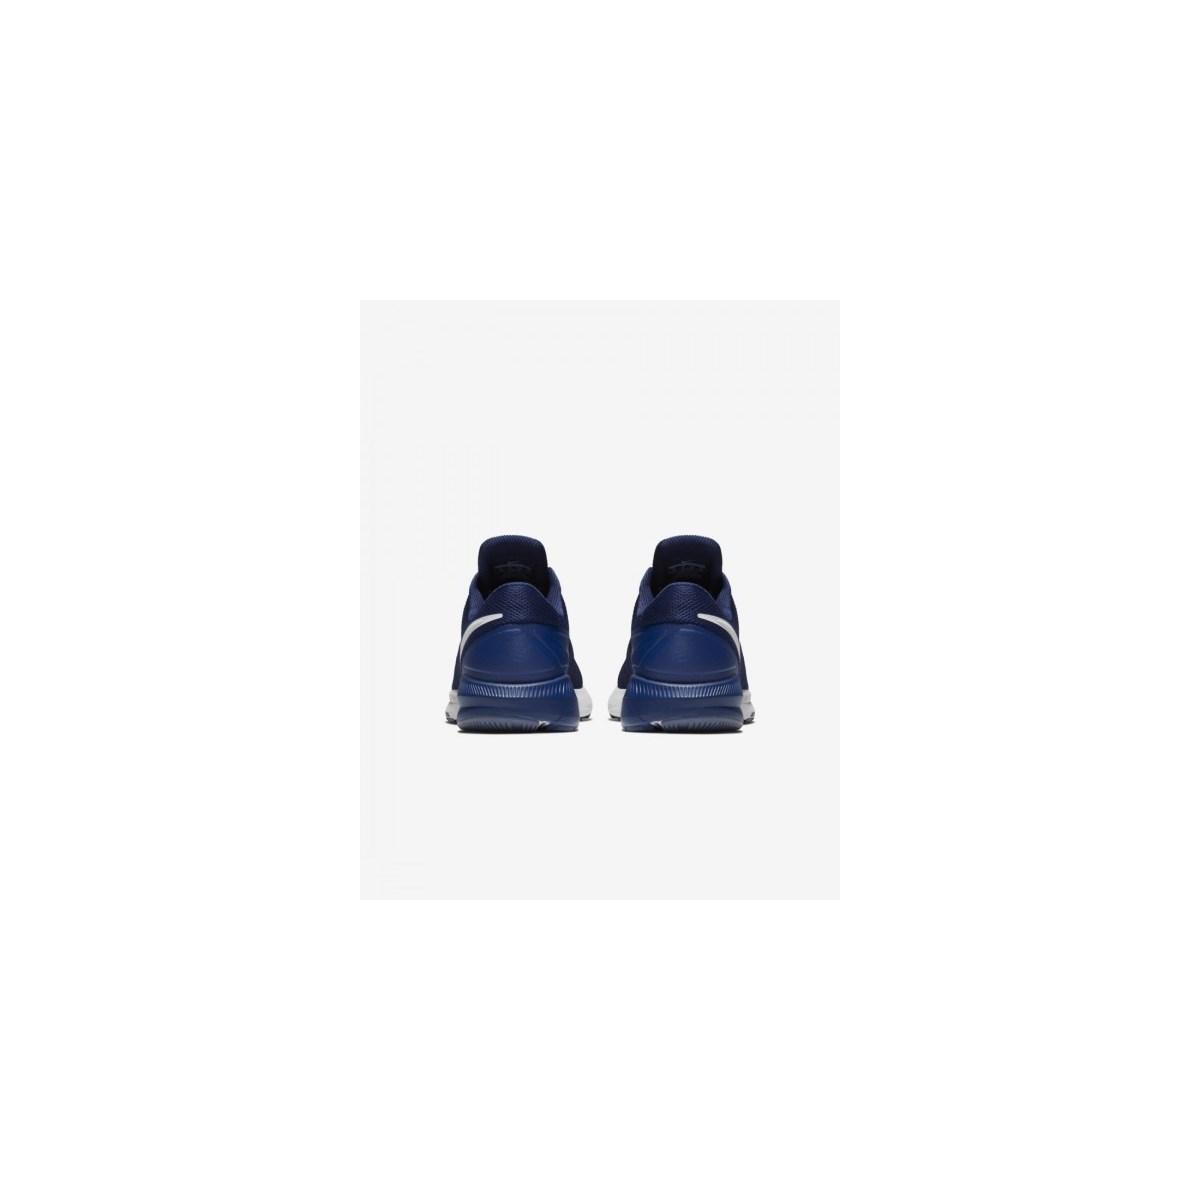 Air Zoom Structure 22 Erkek Lacivert Koşu Ayakkabısı